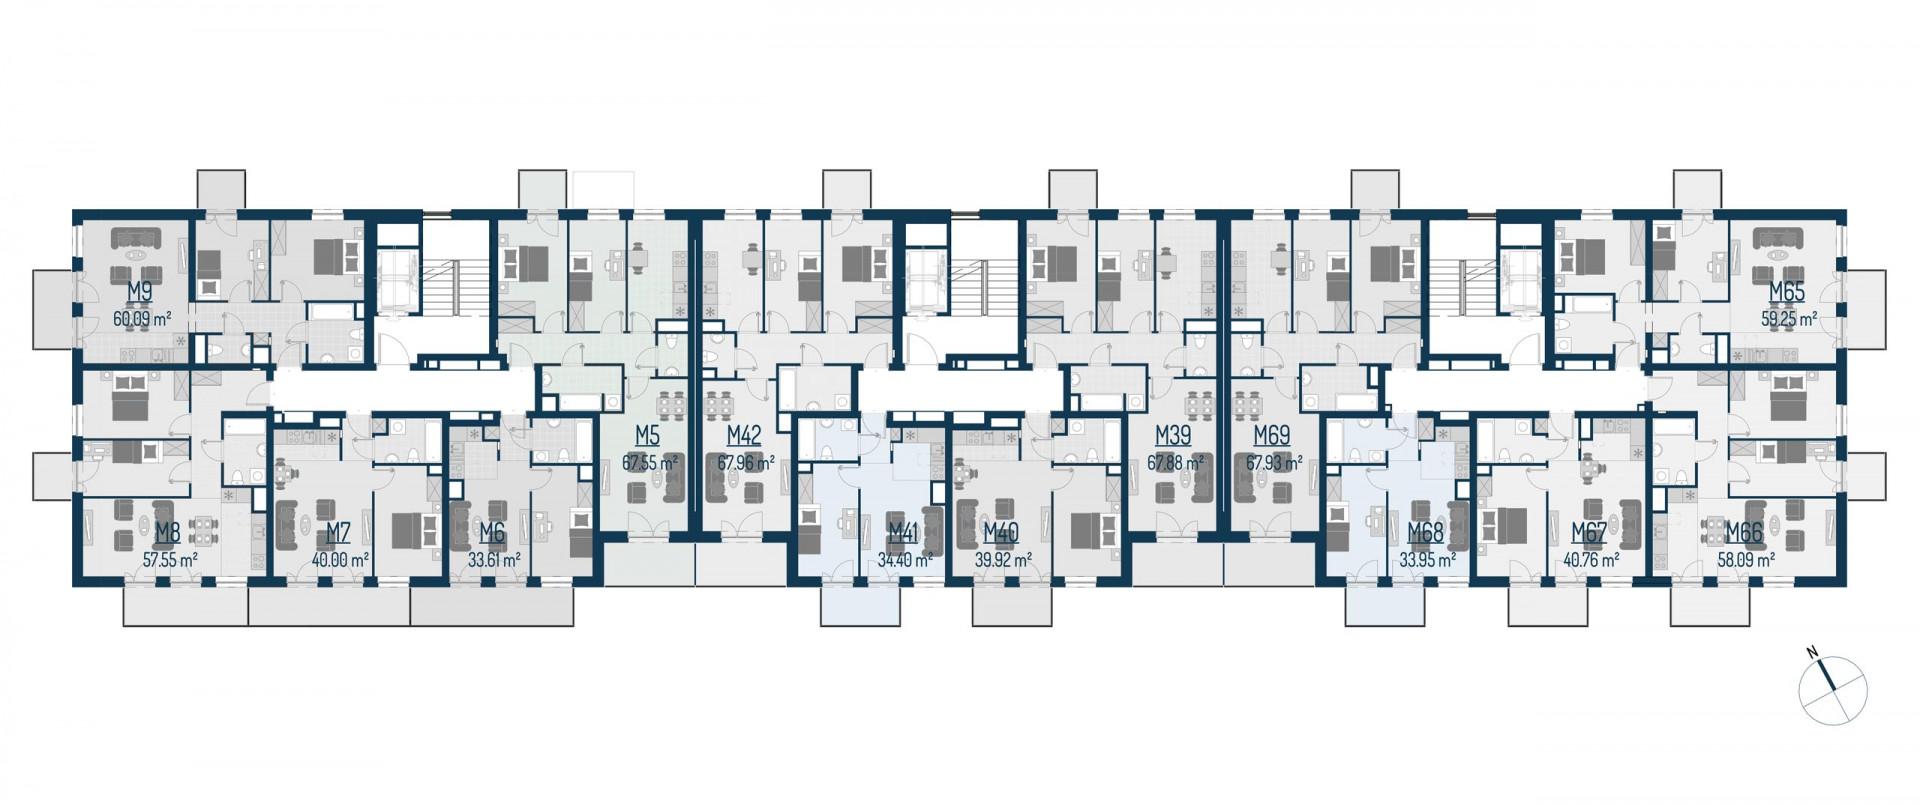 Zdrowe Stylove / budynek 1 / mieszkanie nr M9 rzut 2